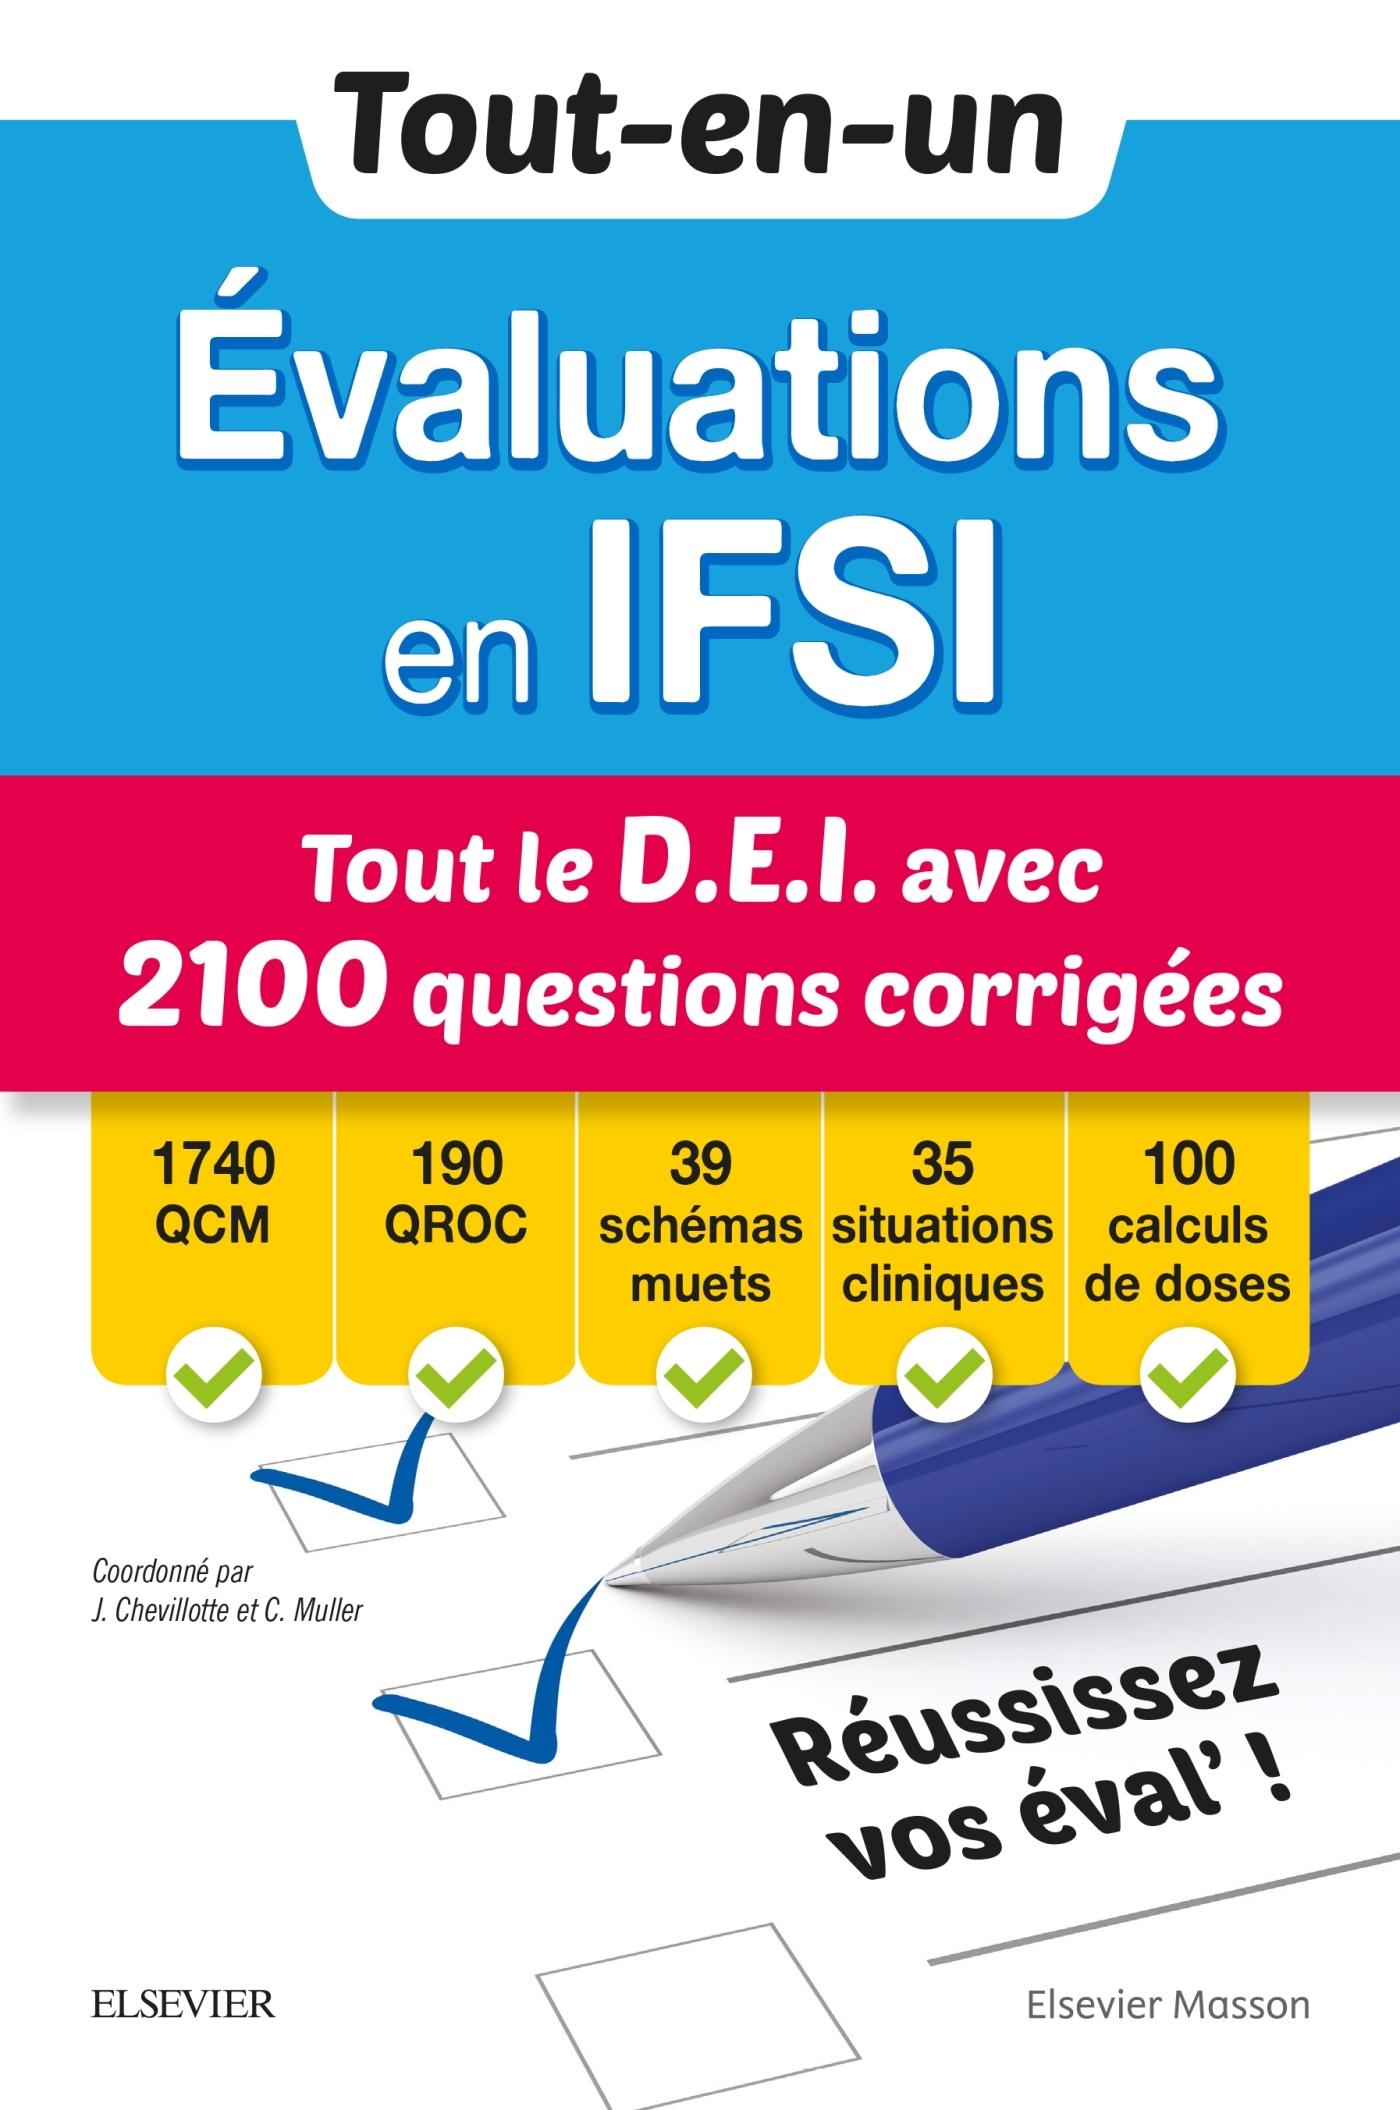 TOUT-EN-UN EVALUATIONS EN IFSI - TOUT LE D.E.I AVEC 2100 QUESTIONS CORRIGEES - QCM - QROC - SCHEMAS